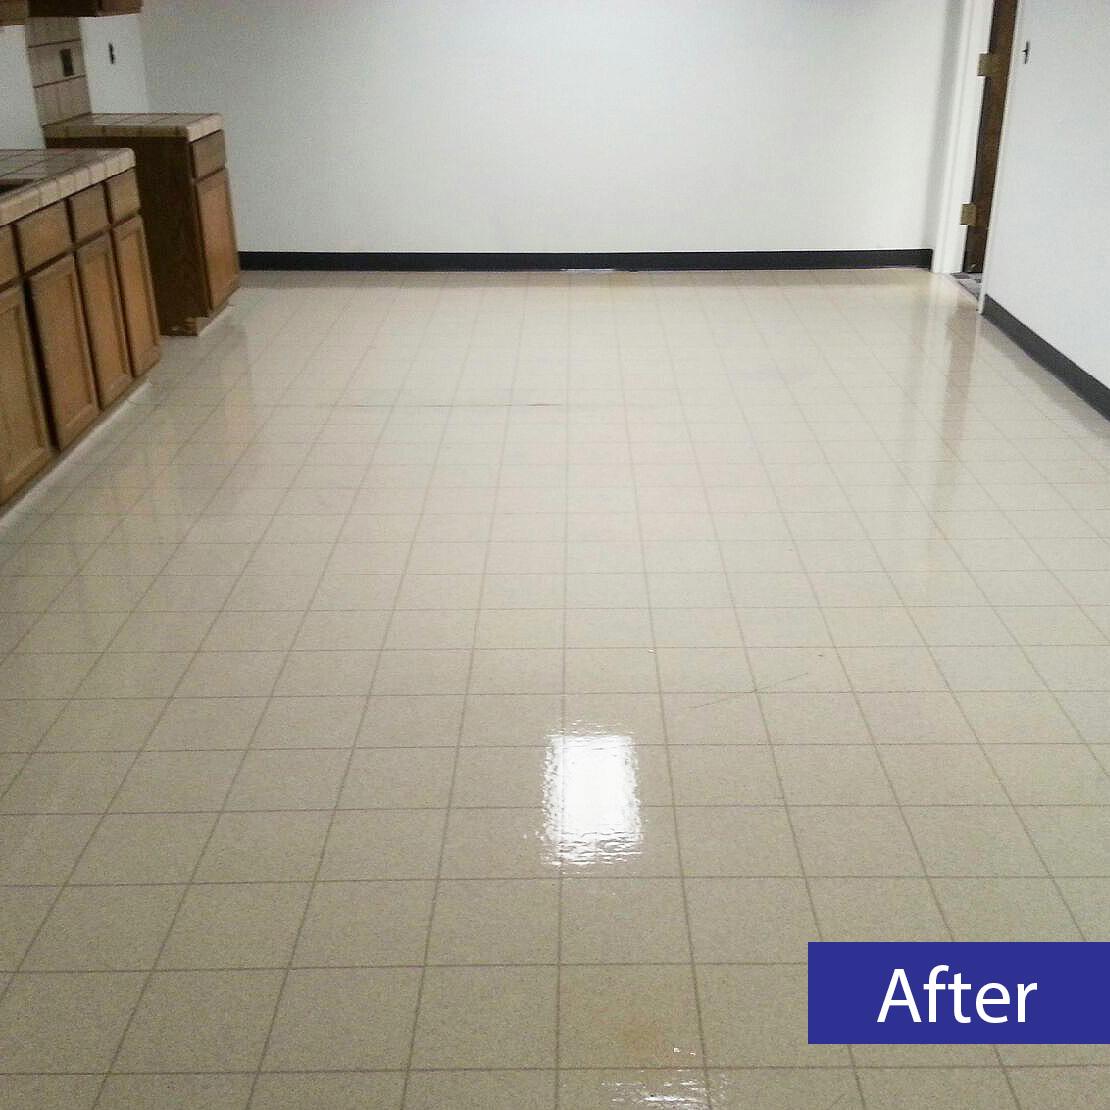 After-Floor